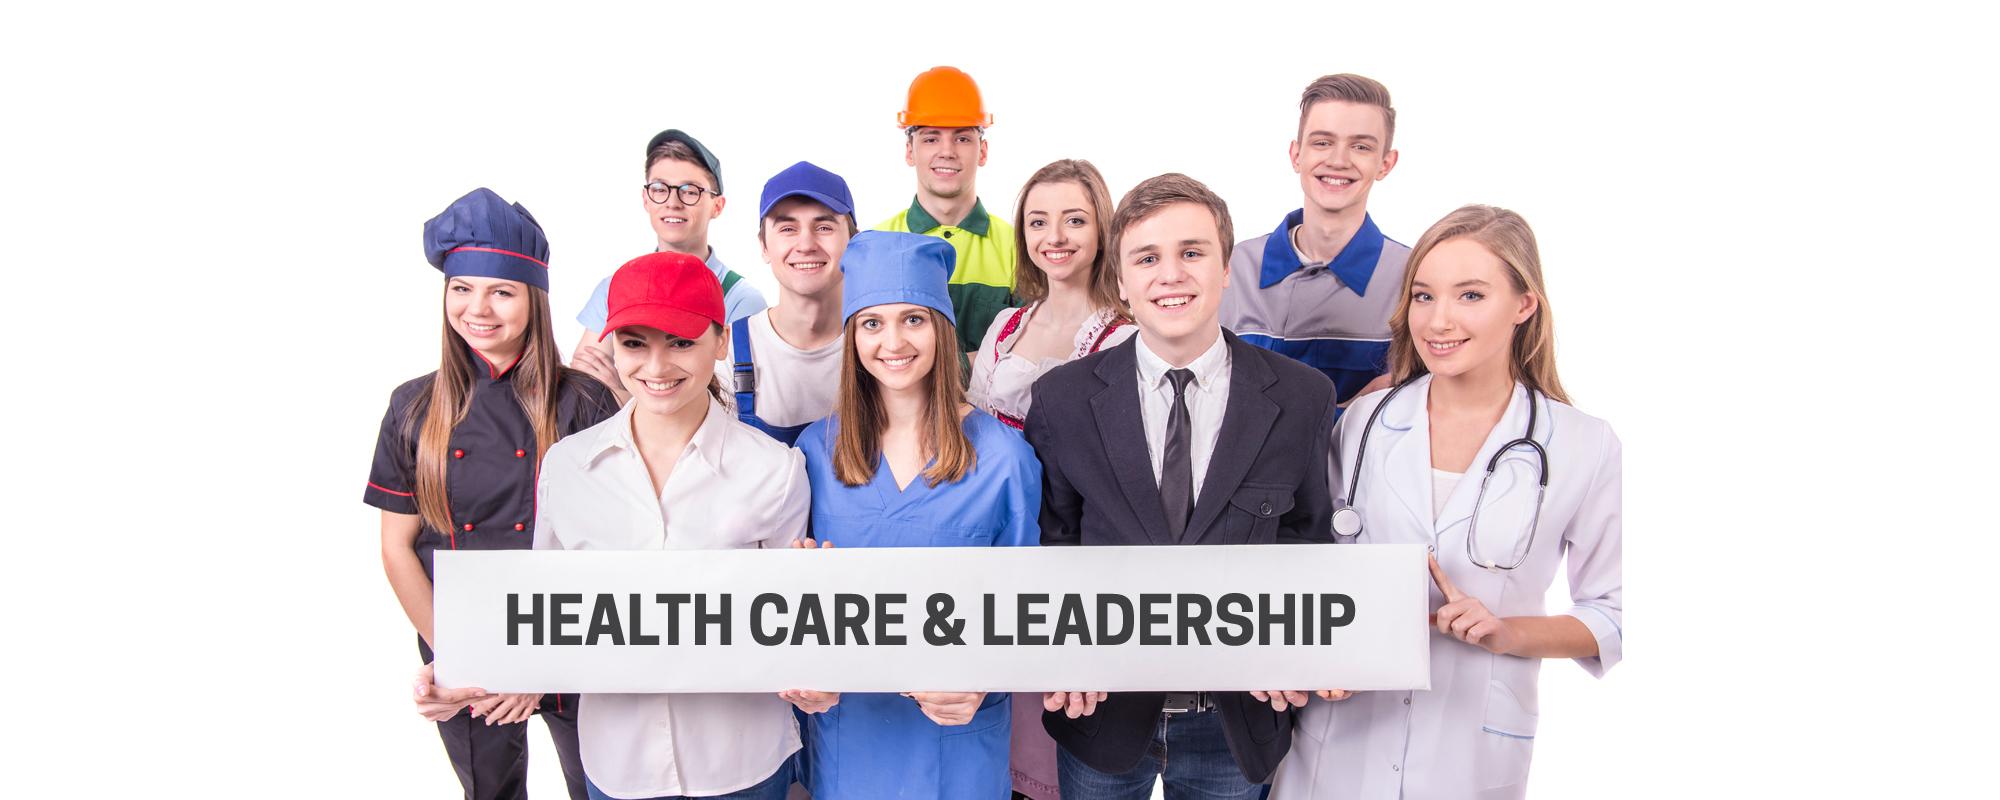 PG Diploma in Healthcare Management & Leadership - Dubai, UAE & Riyadh, KSA